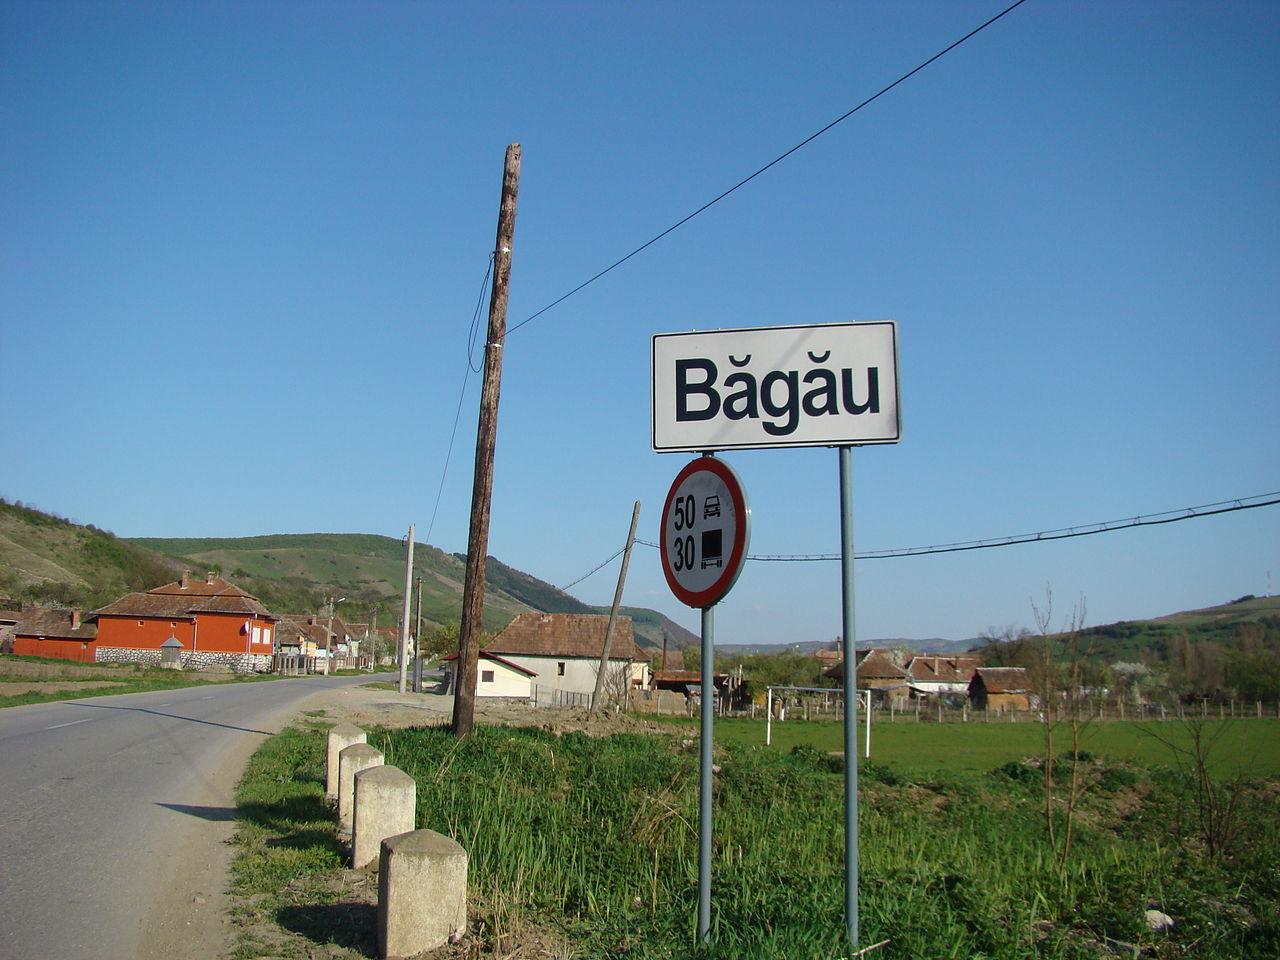 RO AB Bagau 60.jpg